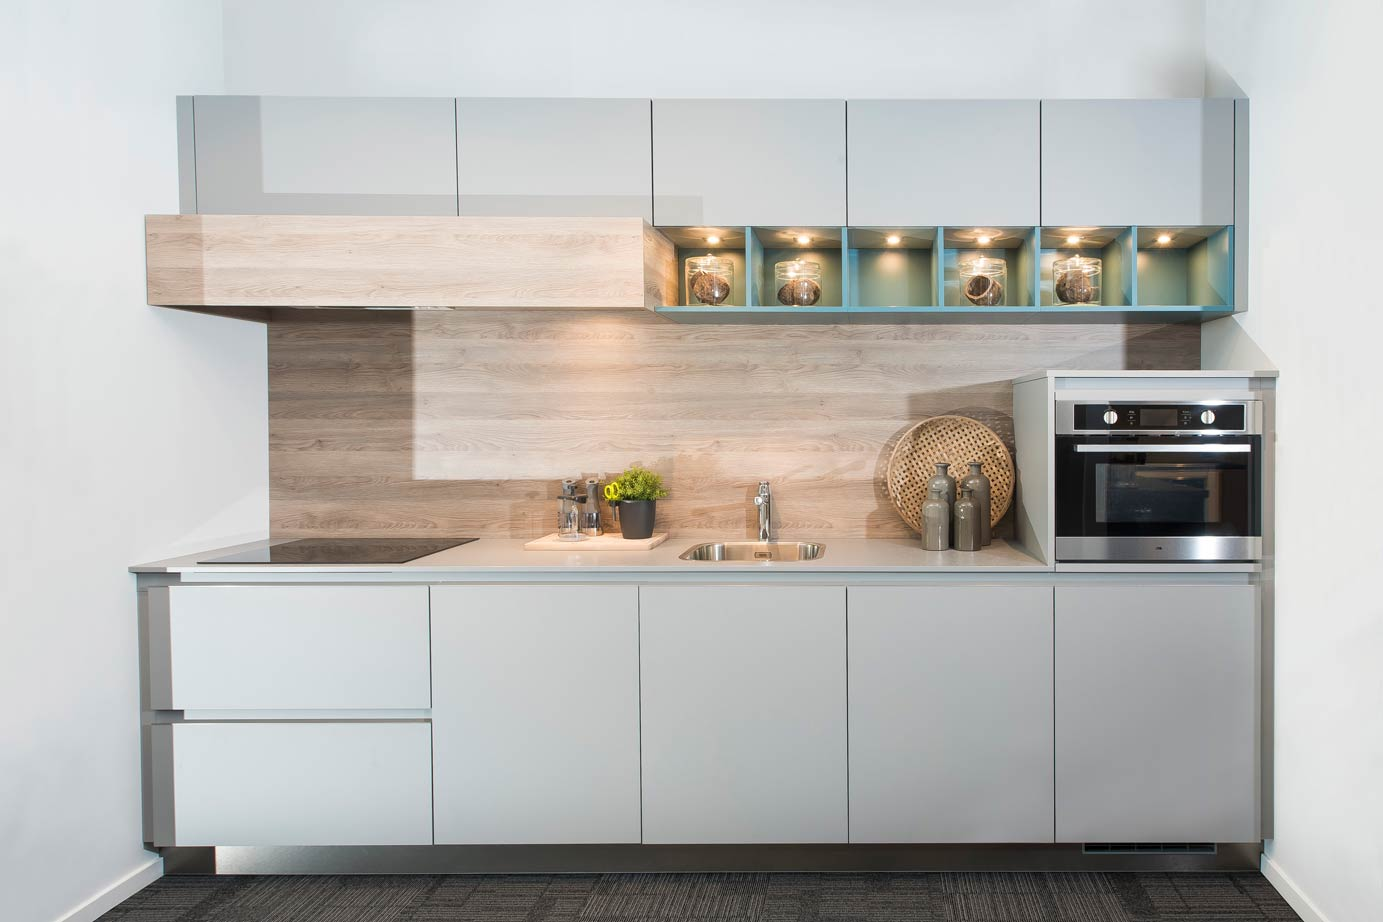 Keuken opstelling veranderen referenties op huis ontwerp